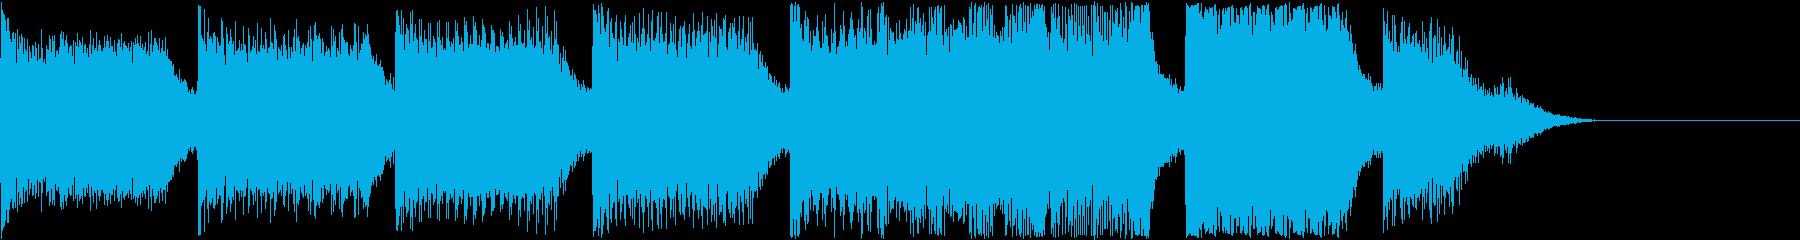 AI メカ/ロボ/マシン動作音 13の再生済みの波形